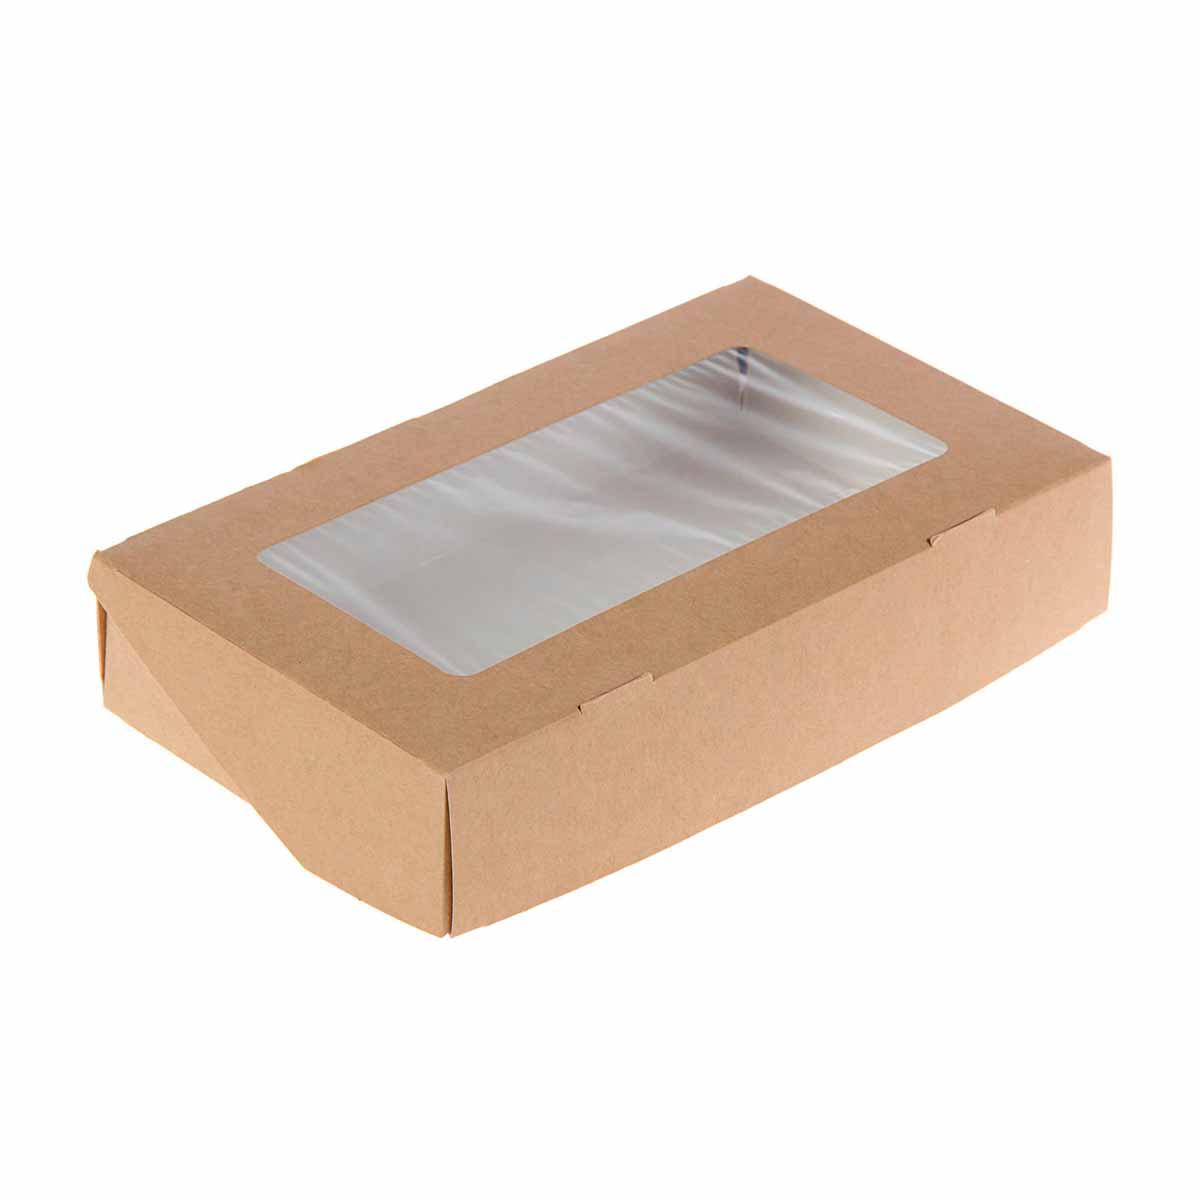 1358899 Коробка упаковочная с окном 20*12*4 см, 1 л